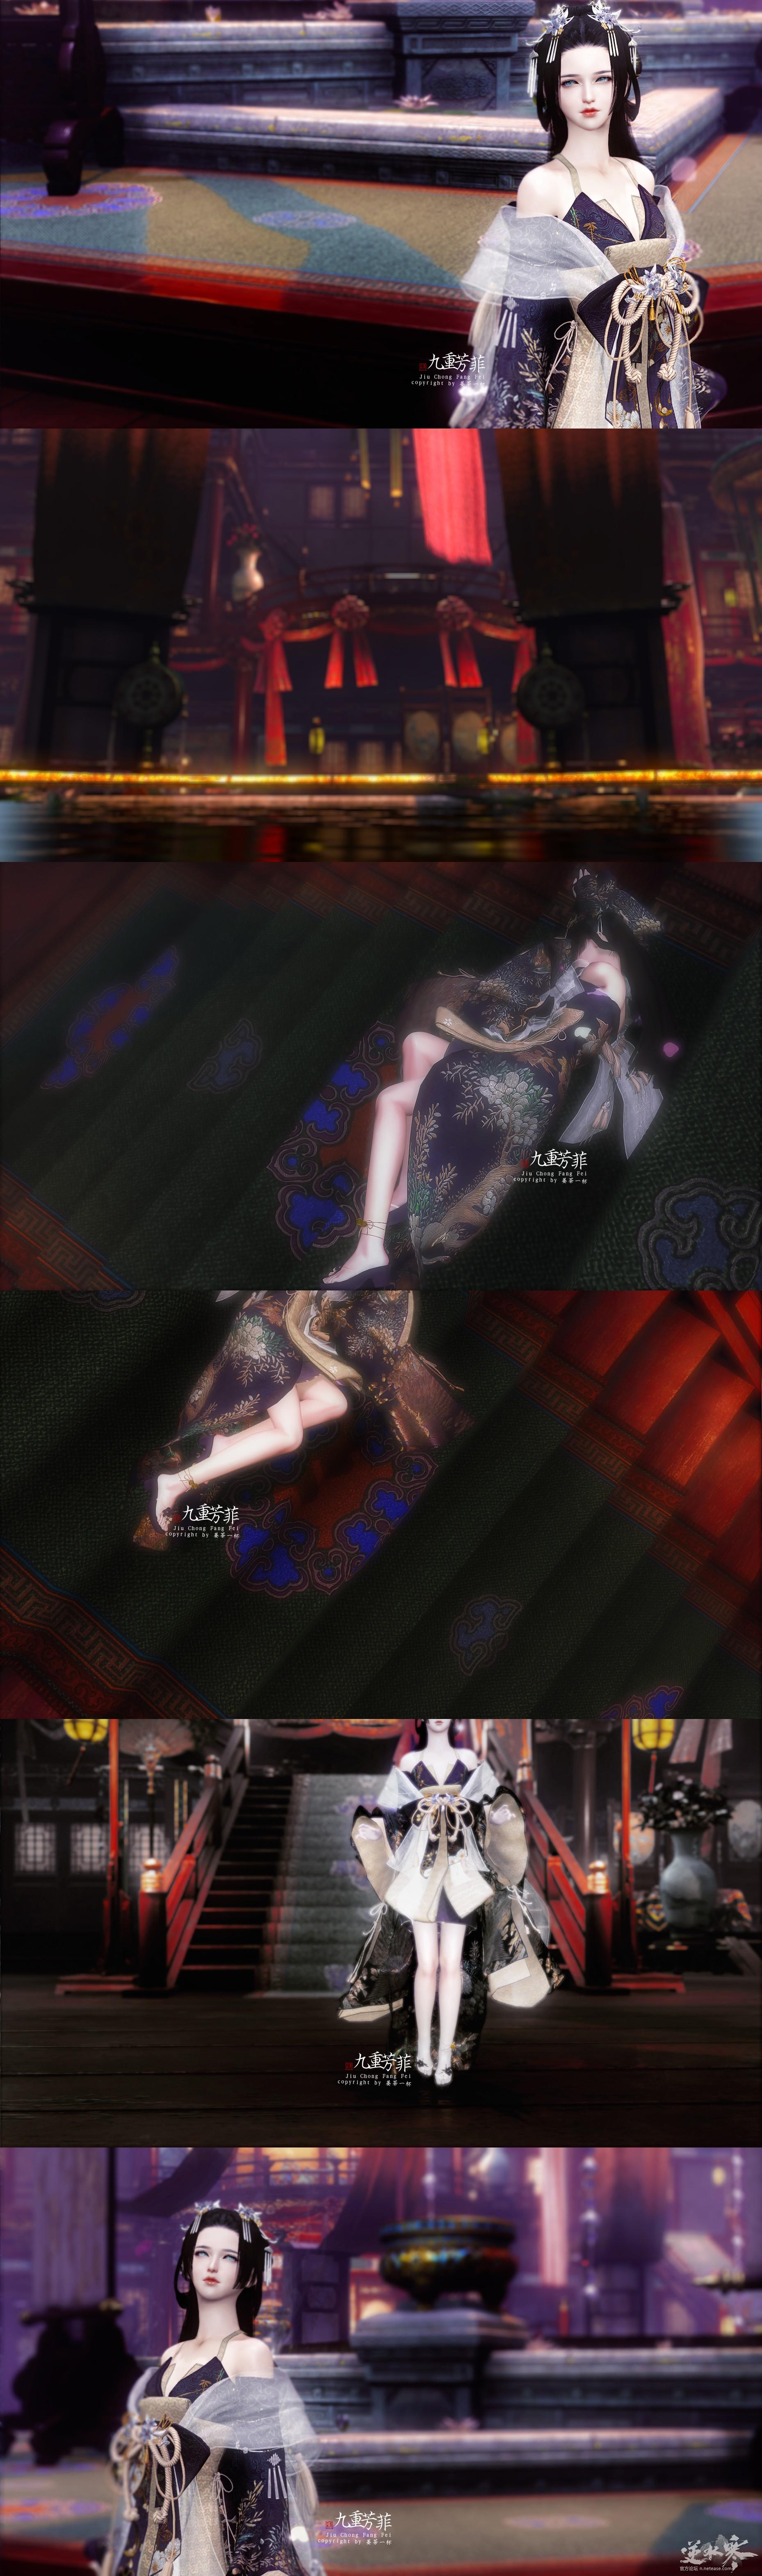 九重芳菲时装安利!美不美看大腿!【自在门】【制图】by姜茶一杯